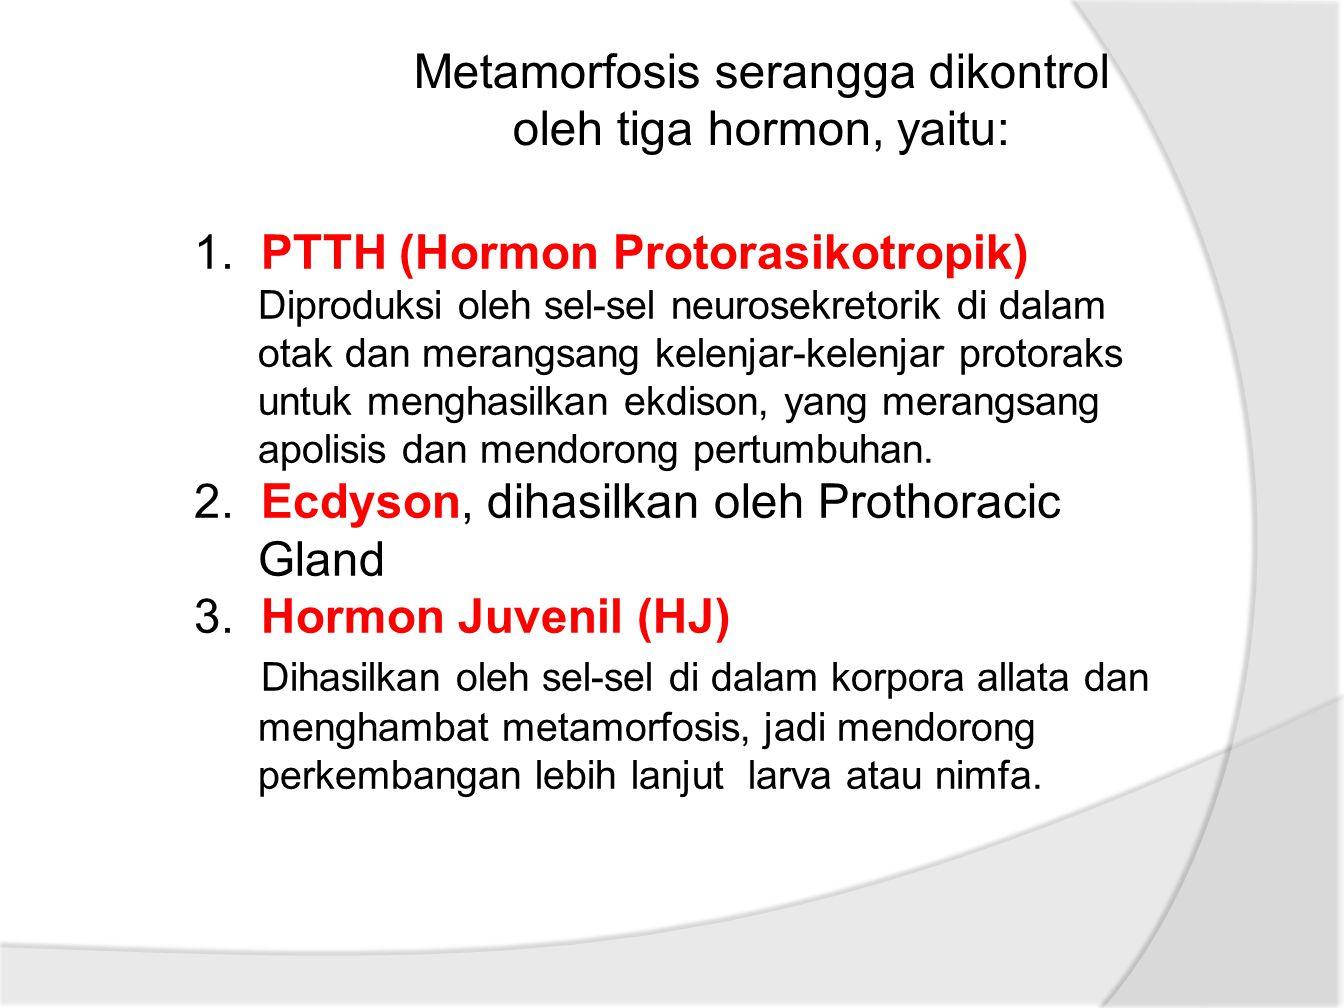 Metamorfosis serangga dikontrol oleh tiga hormon, yaitu: